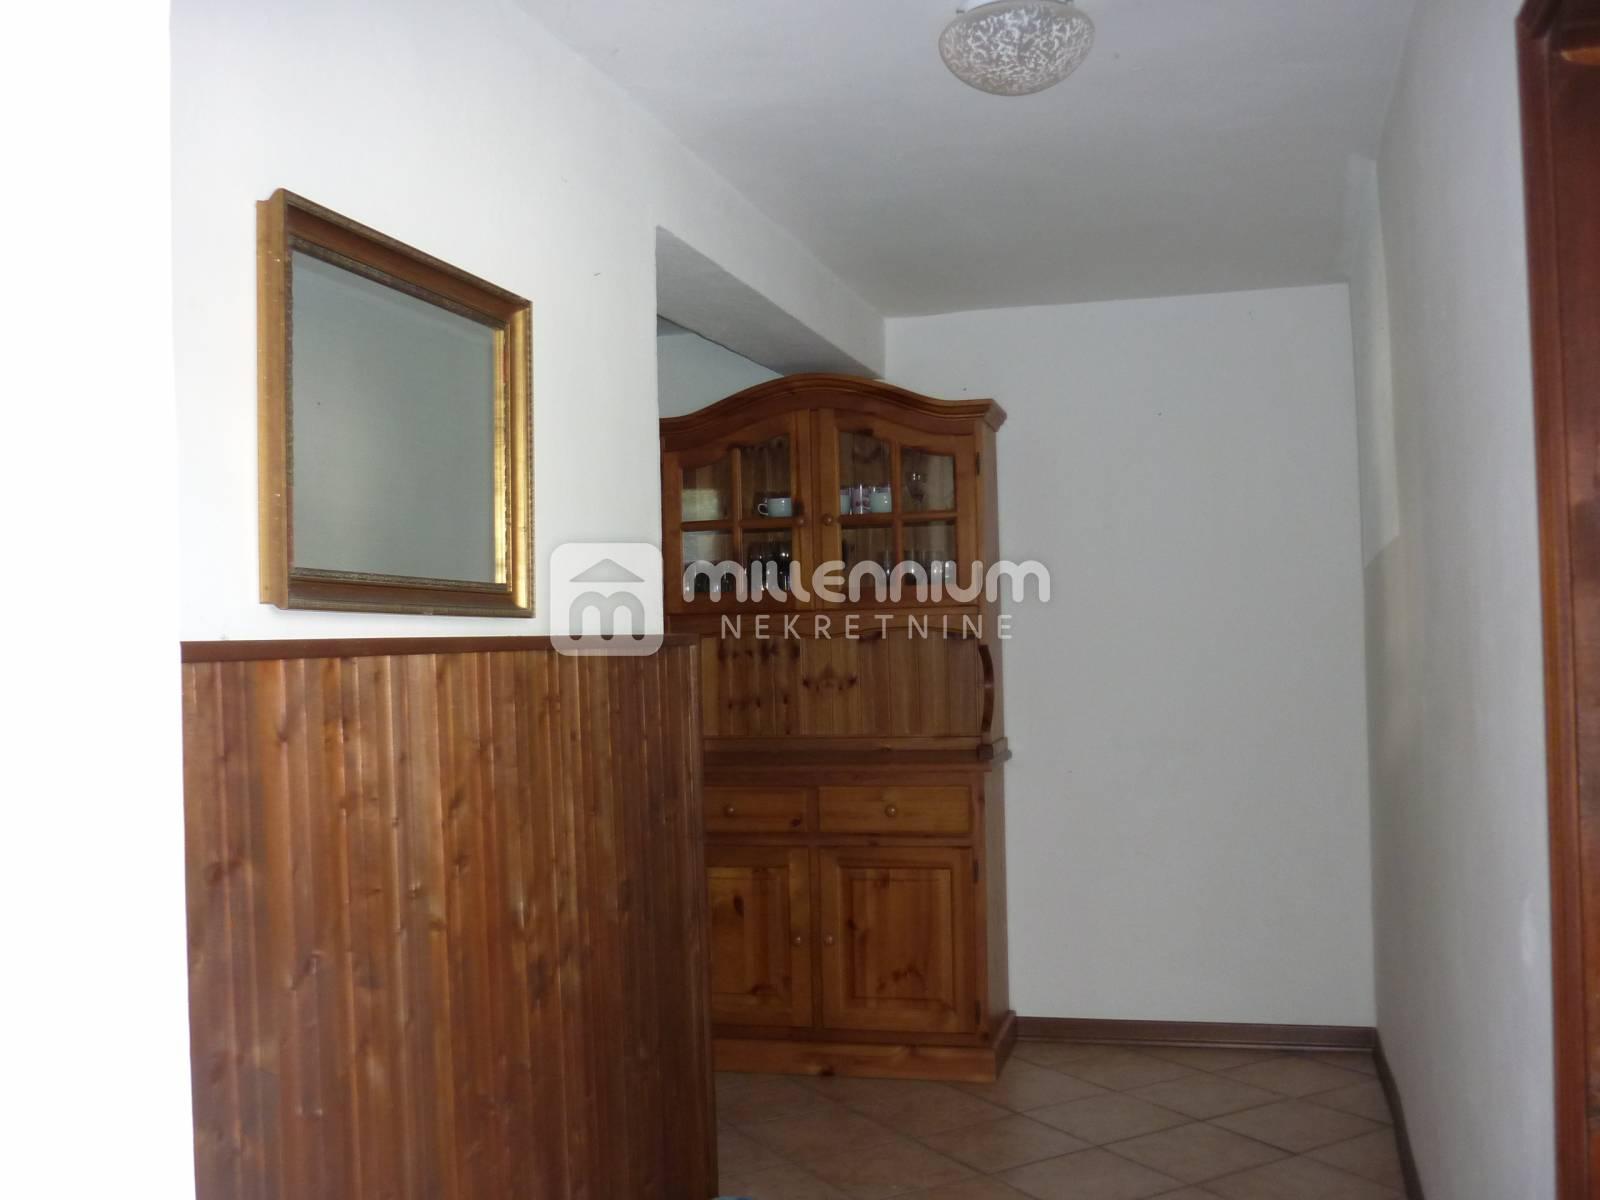 Viškovo, 32.30m2 za 32.000€/hrk